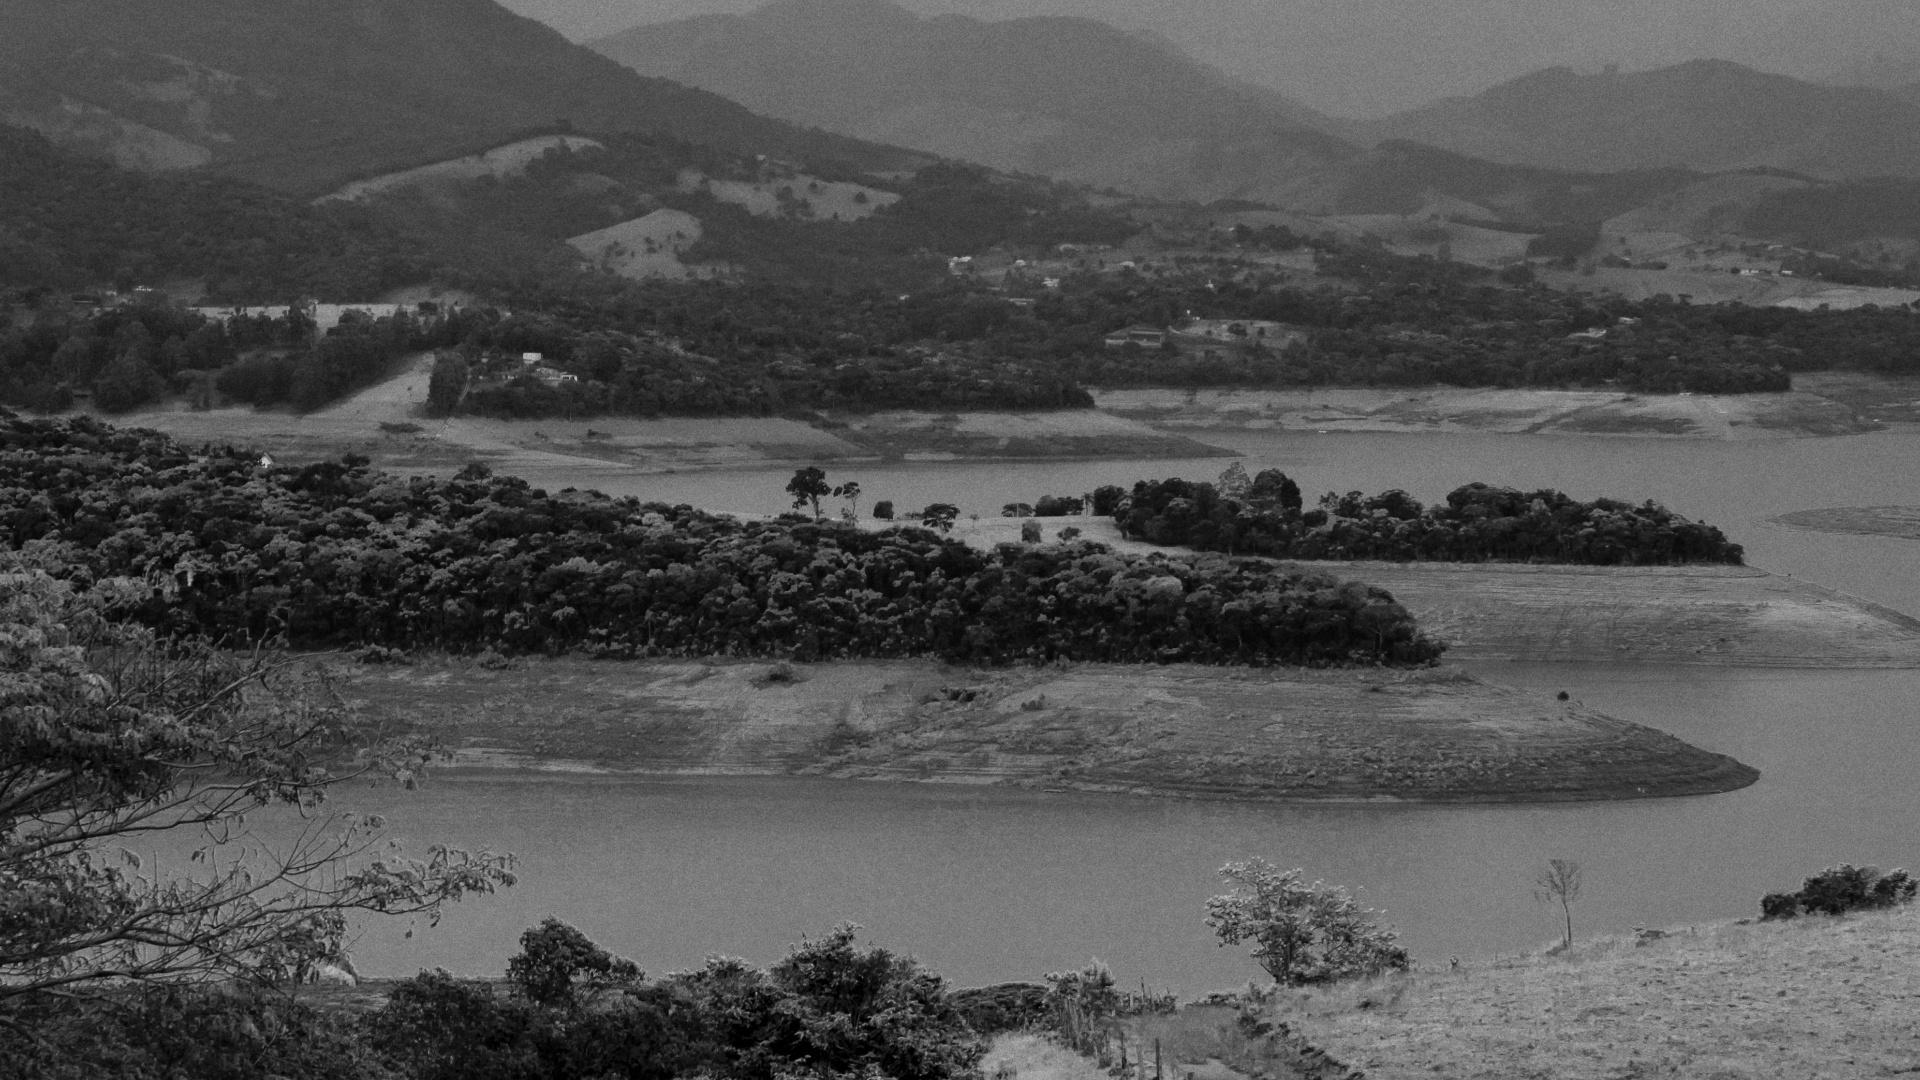 4.ago.2015 - JACAREÍ - Da beira das represas ou do alto de morros, é possível observar o Cantareira com cerca de 19% de sua capacidade